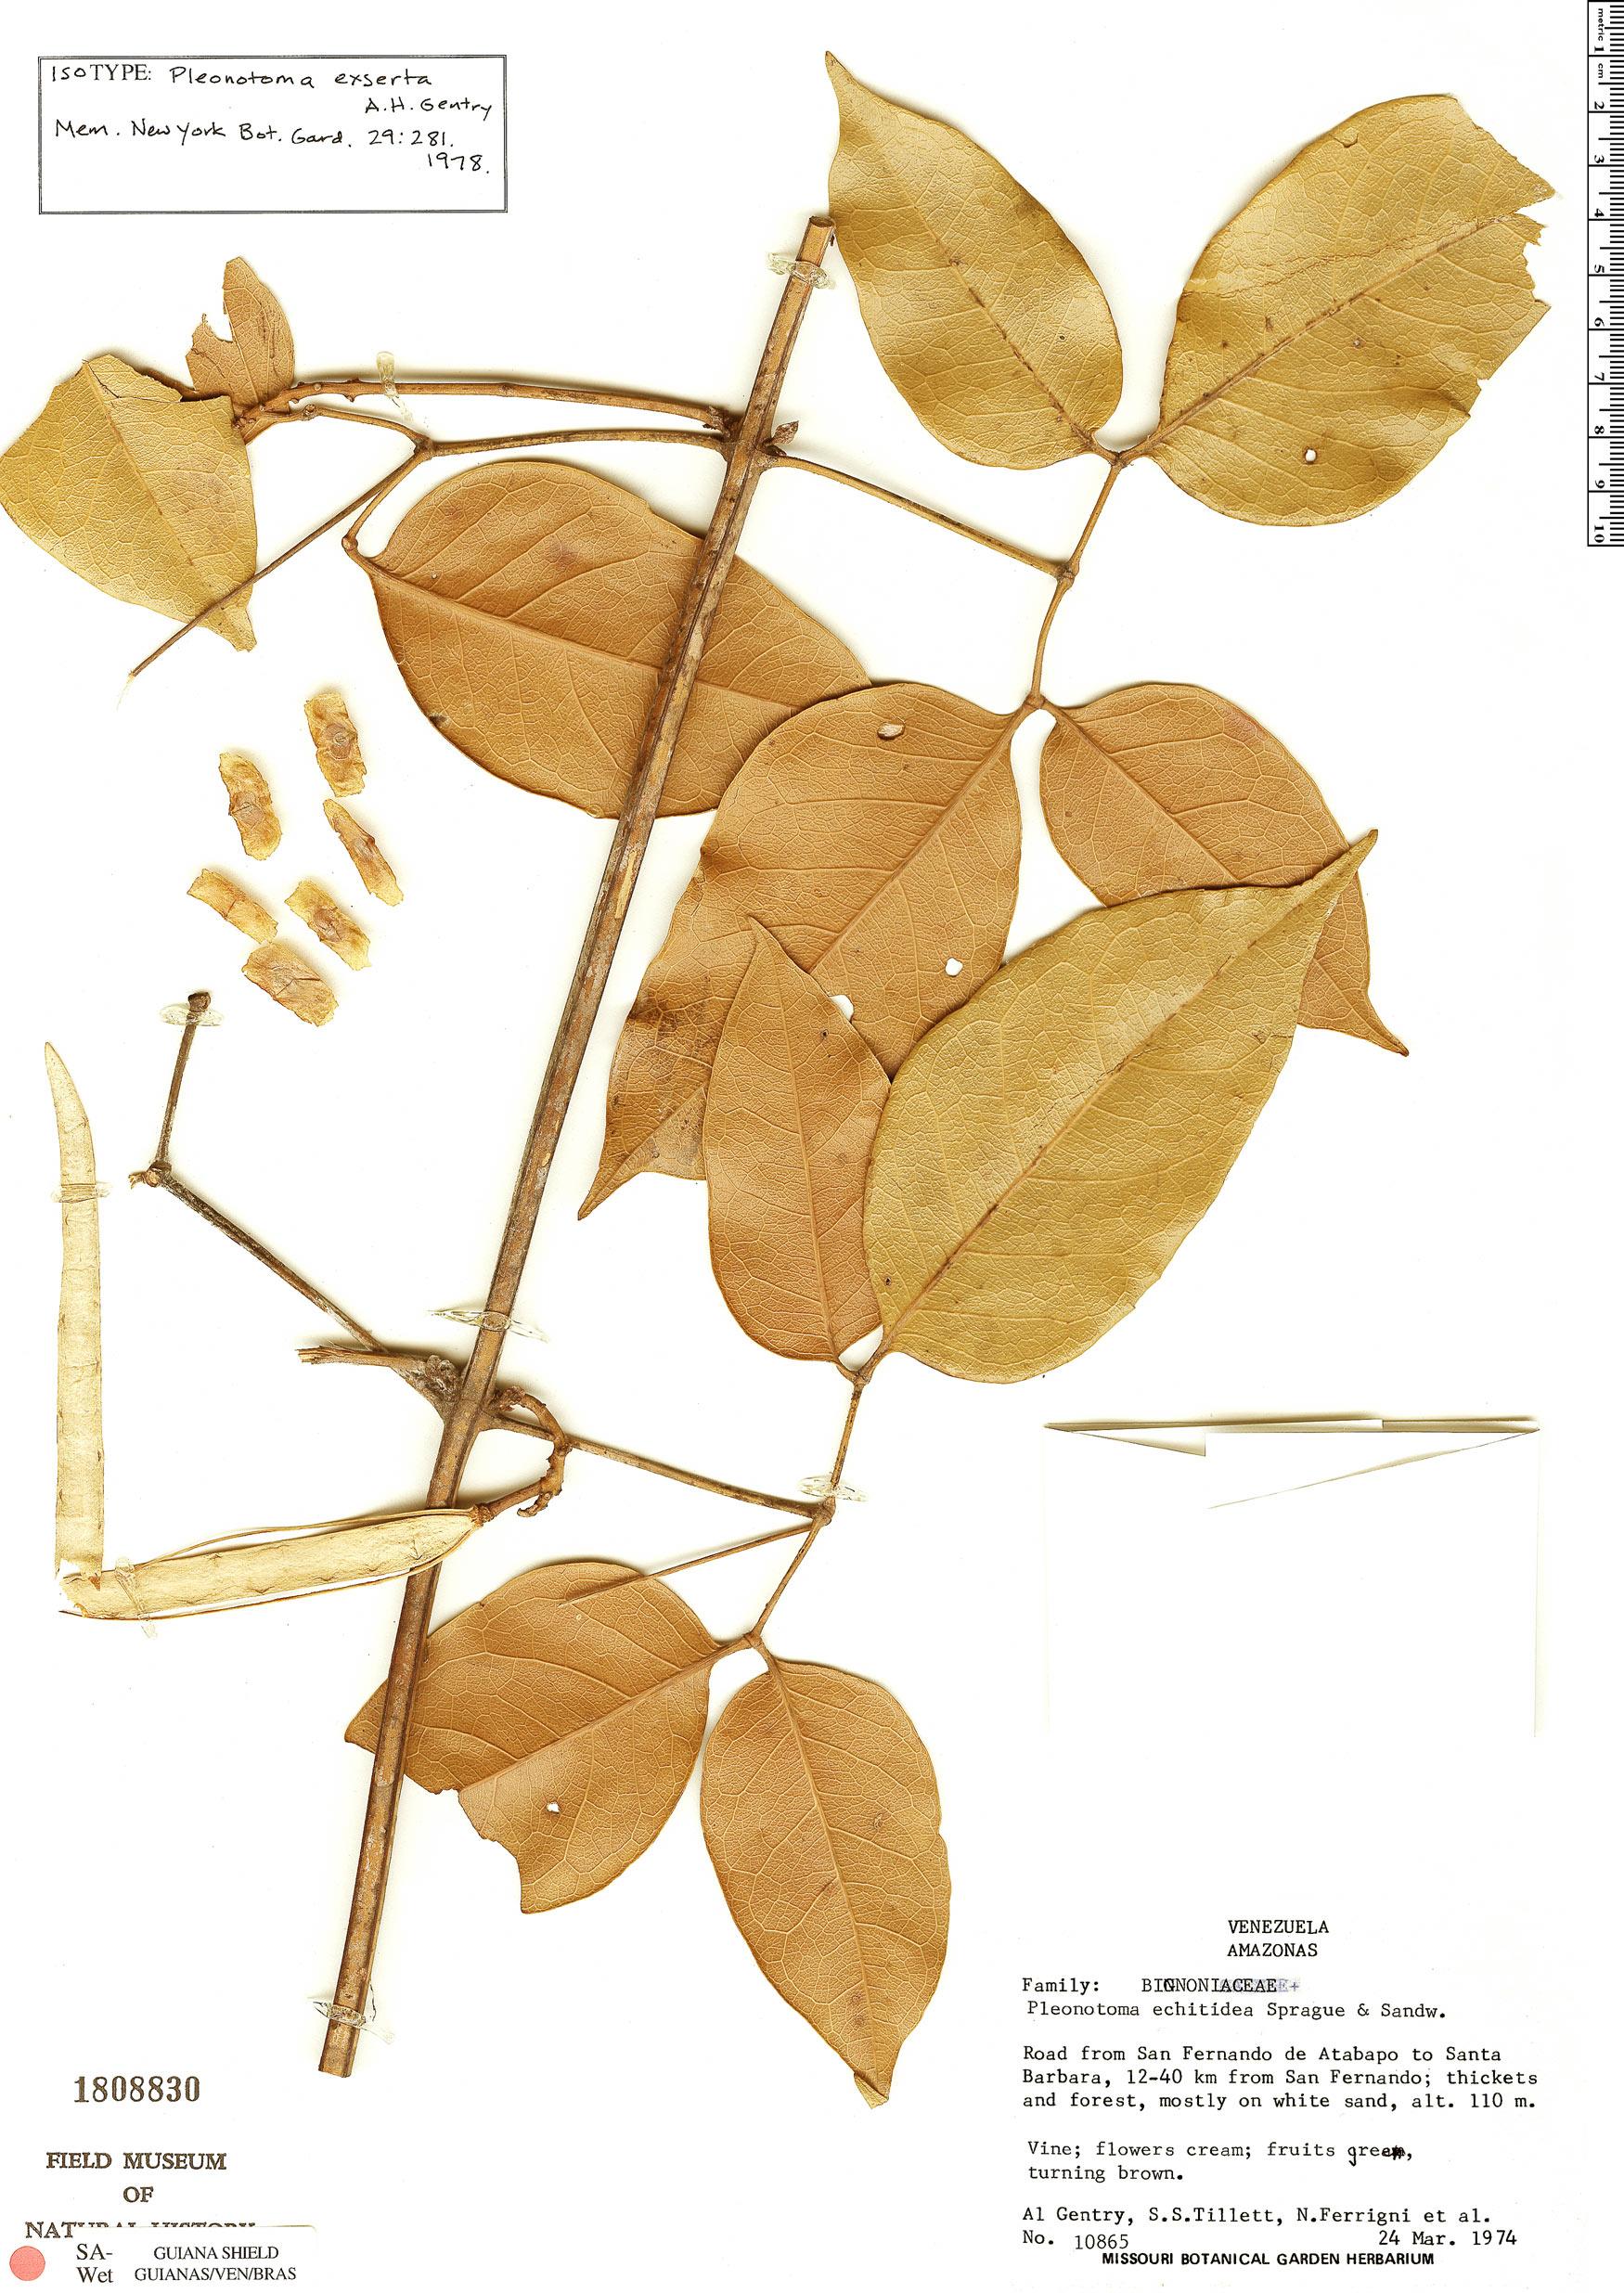 Specimen: Pleonotoma exserta